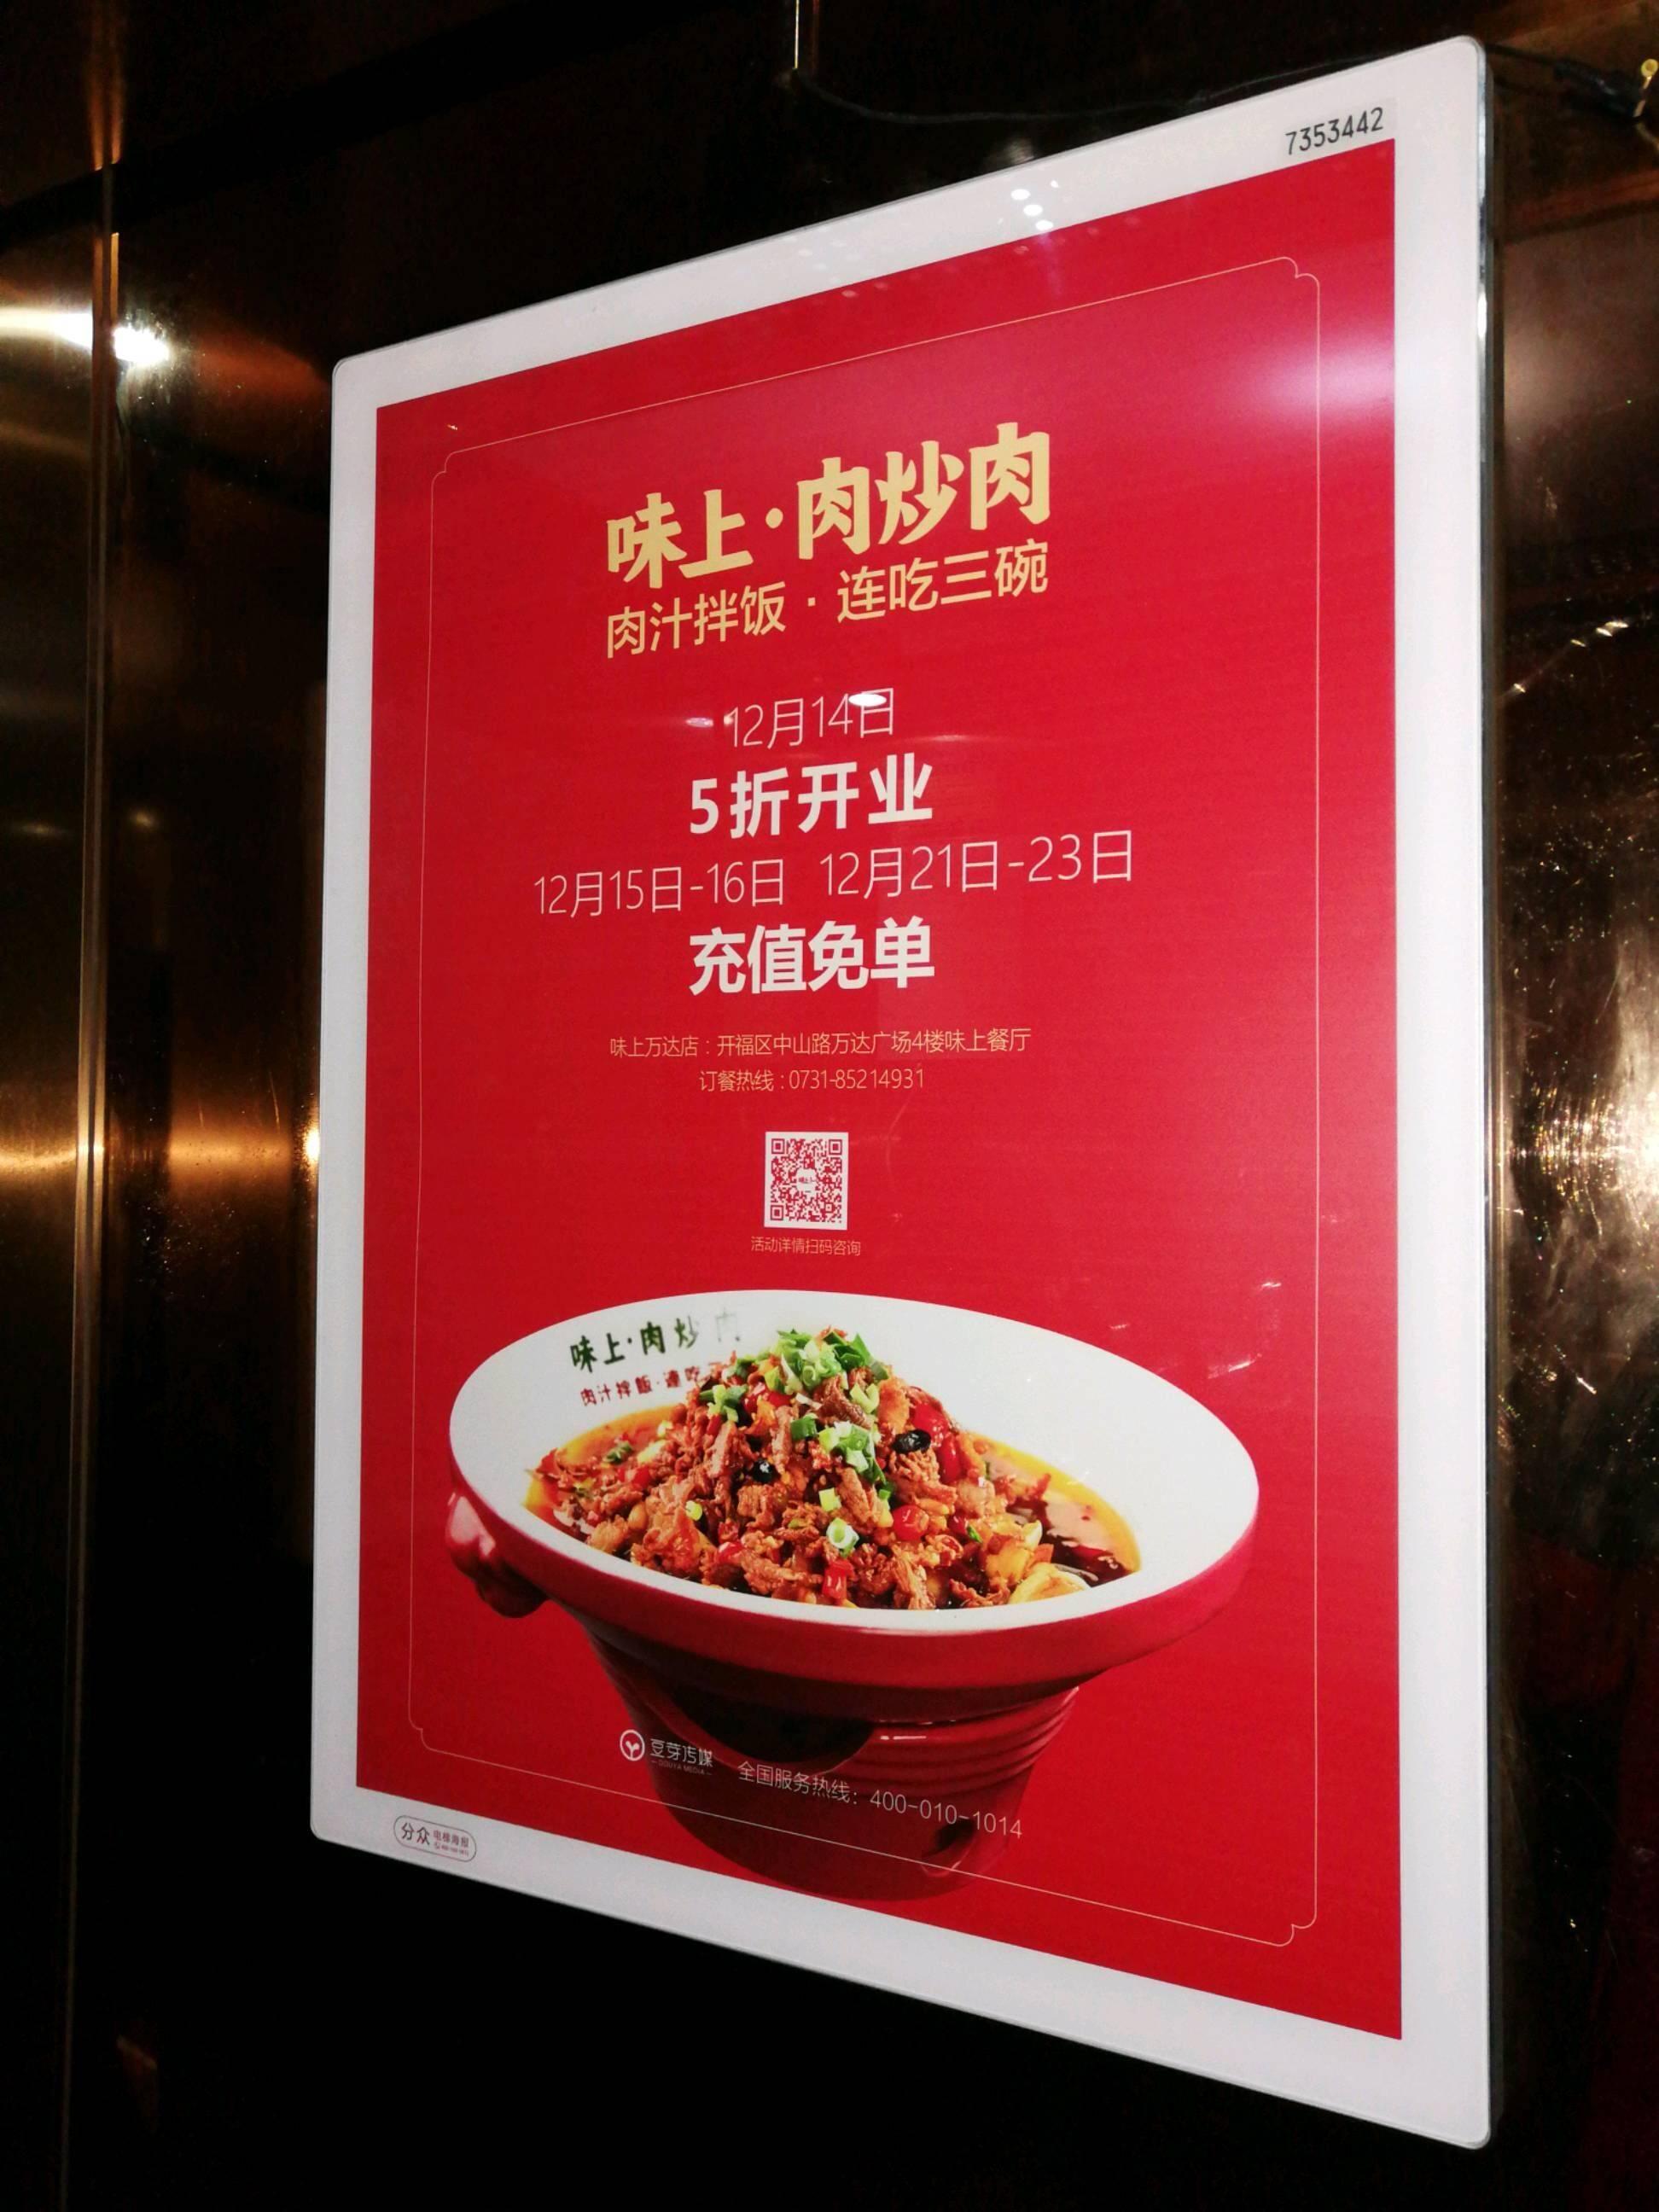 天津电梯广告公司广告牌框架3.0投放(100框起投)